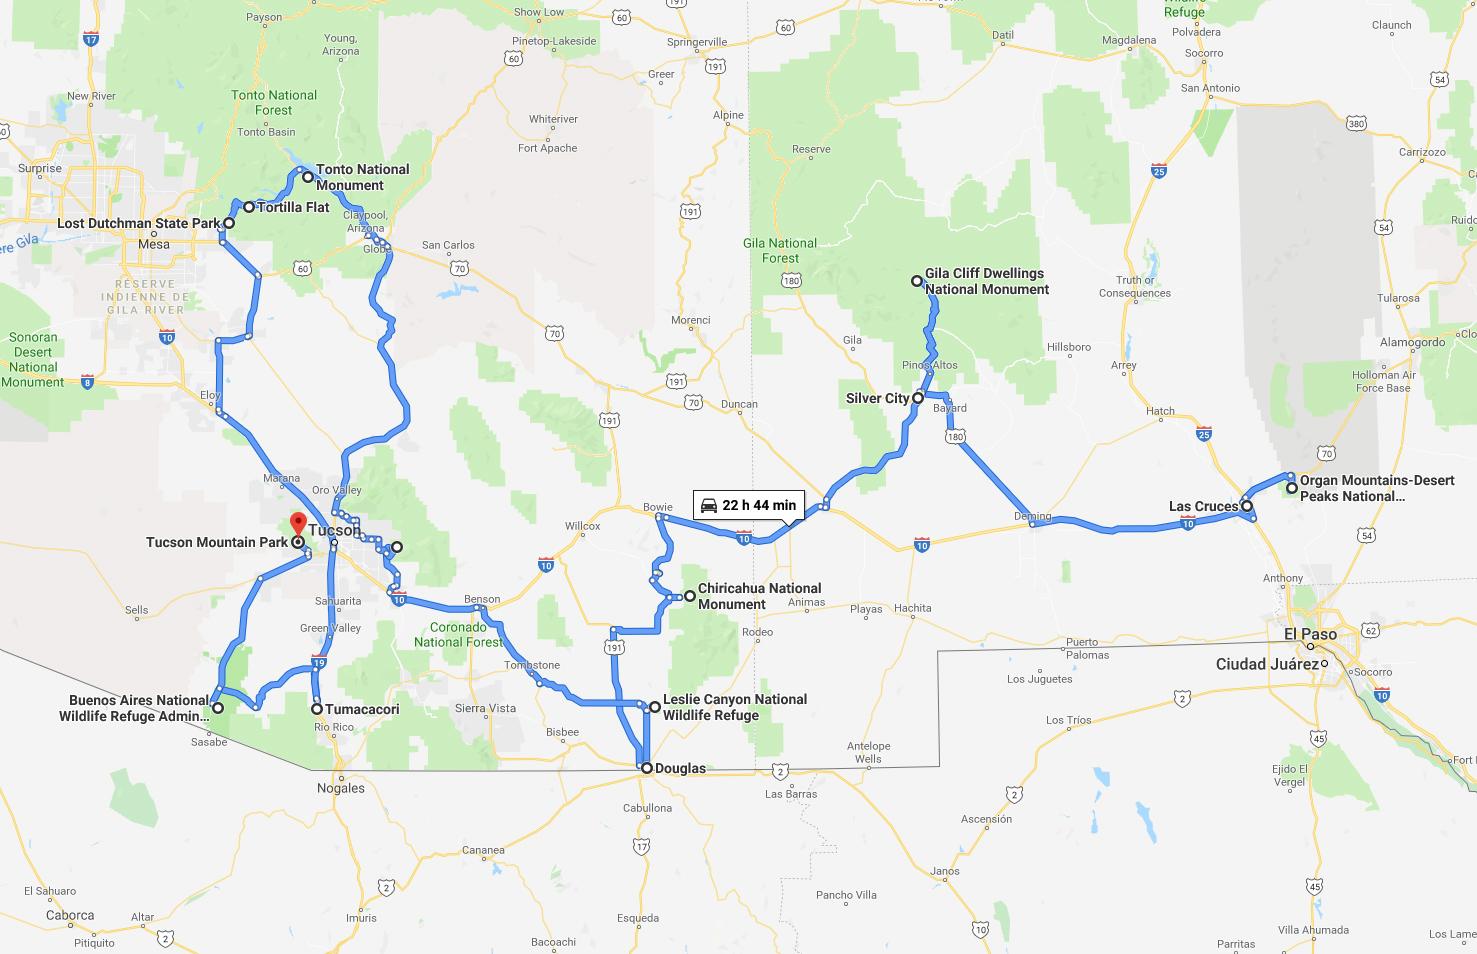 Itinéraire de la quatrième partie de mon road trip de l'automne 2018